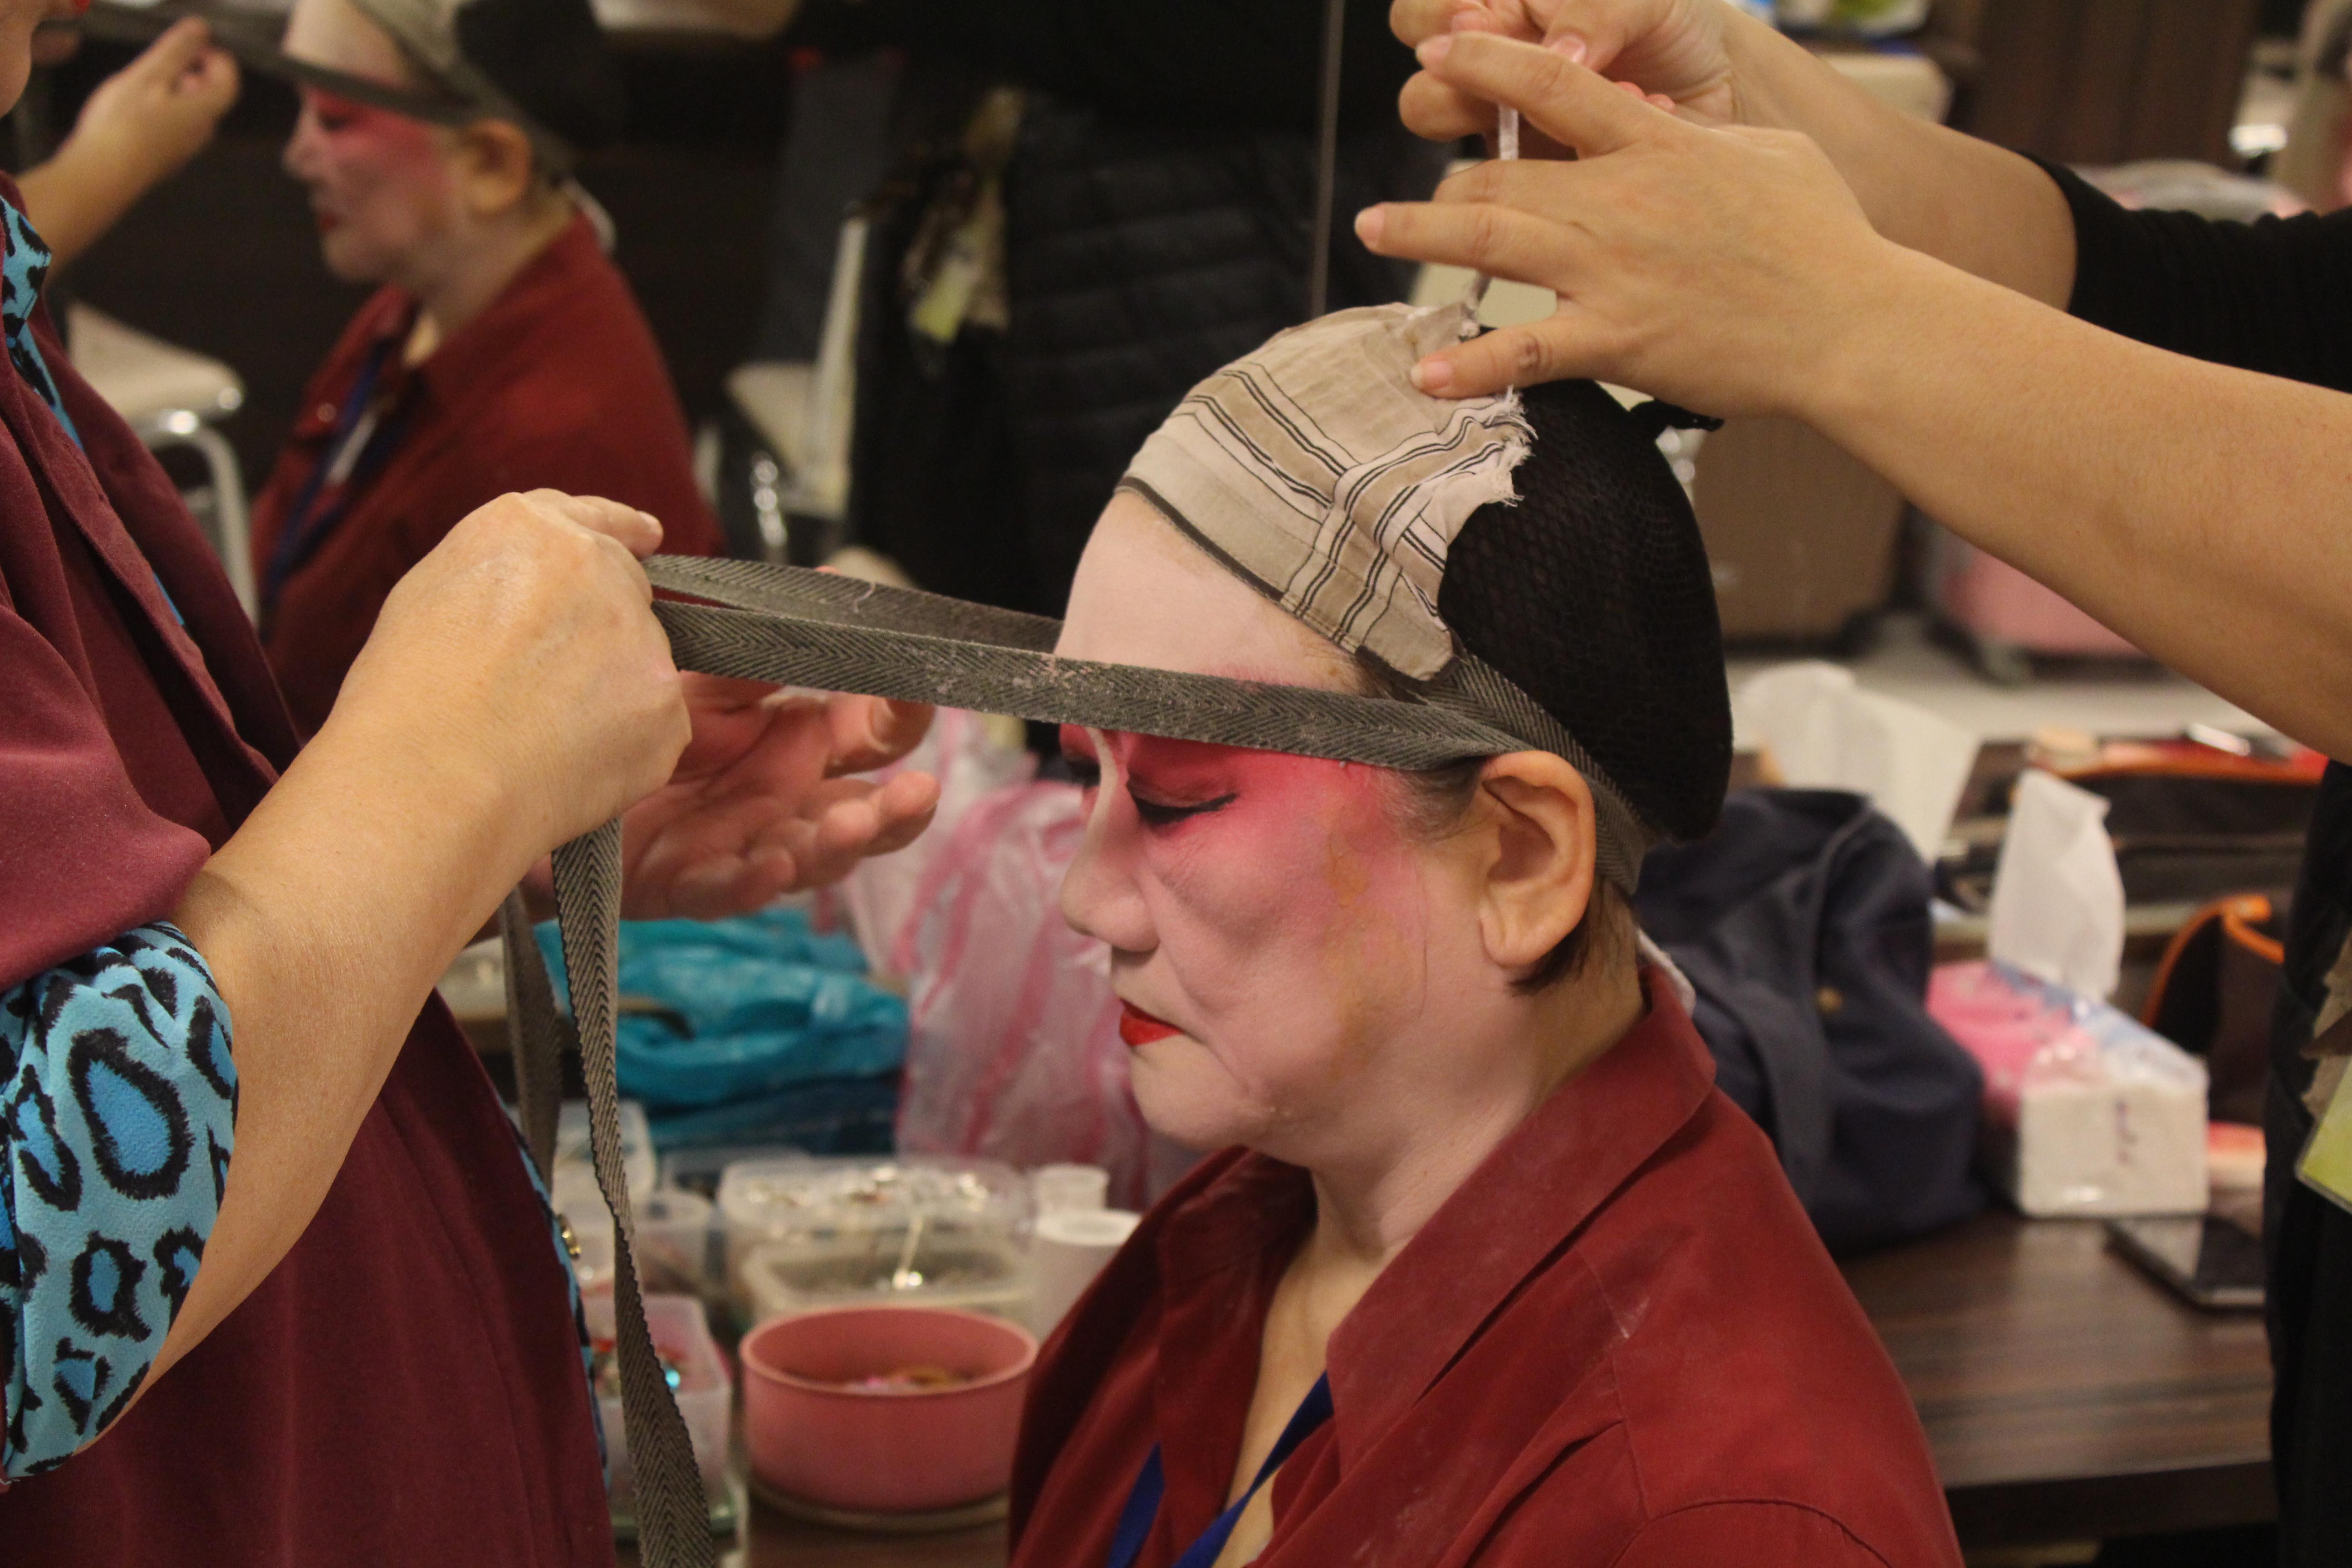 為了讓演員的眼神看起來炯炯有神,會使用布條,將眼尾往頭頂高高吊起。